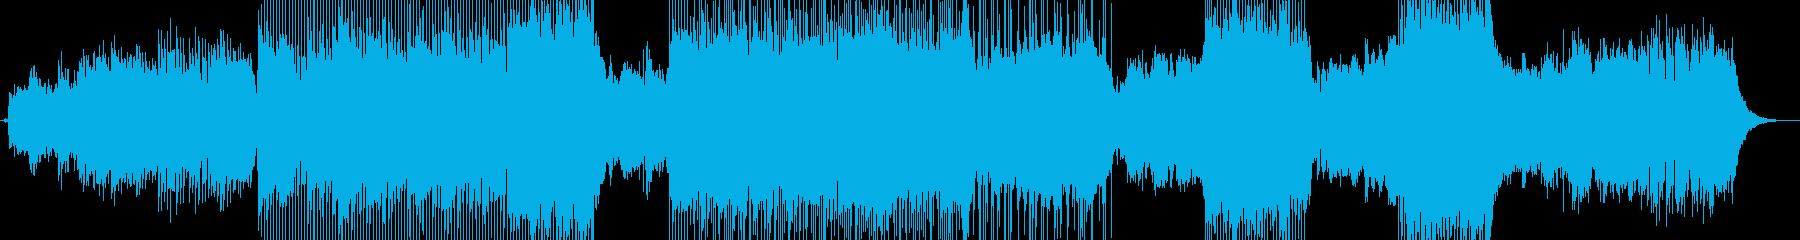 まほろばの再生済みの波形